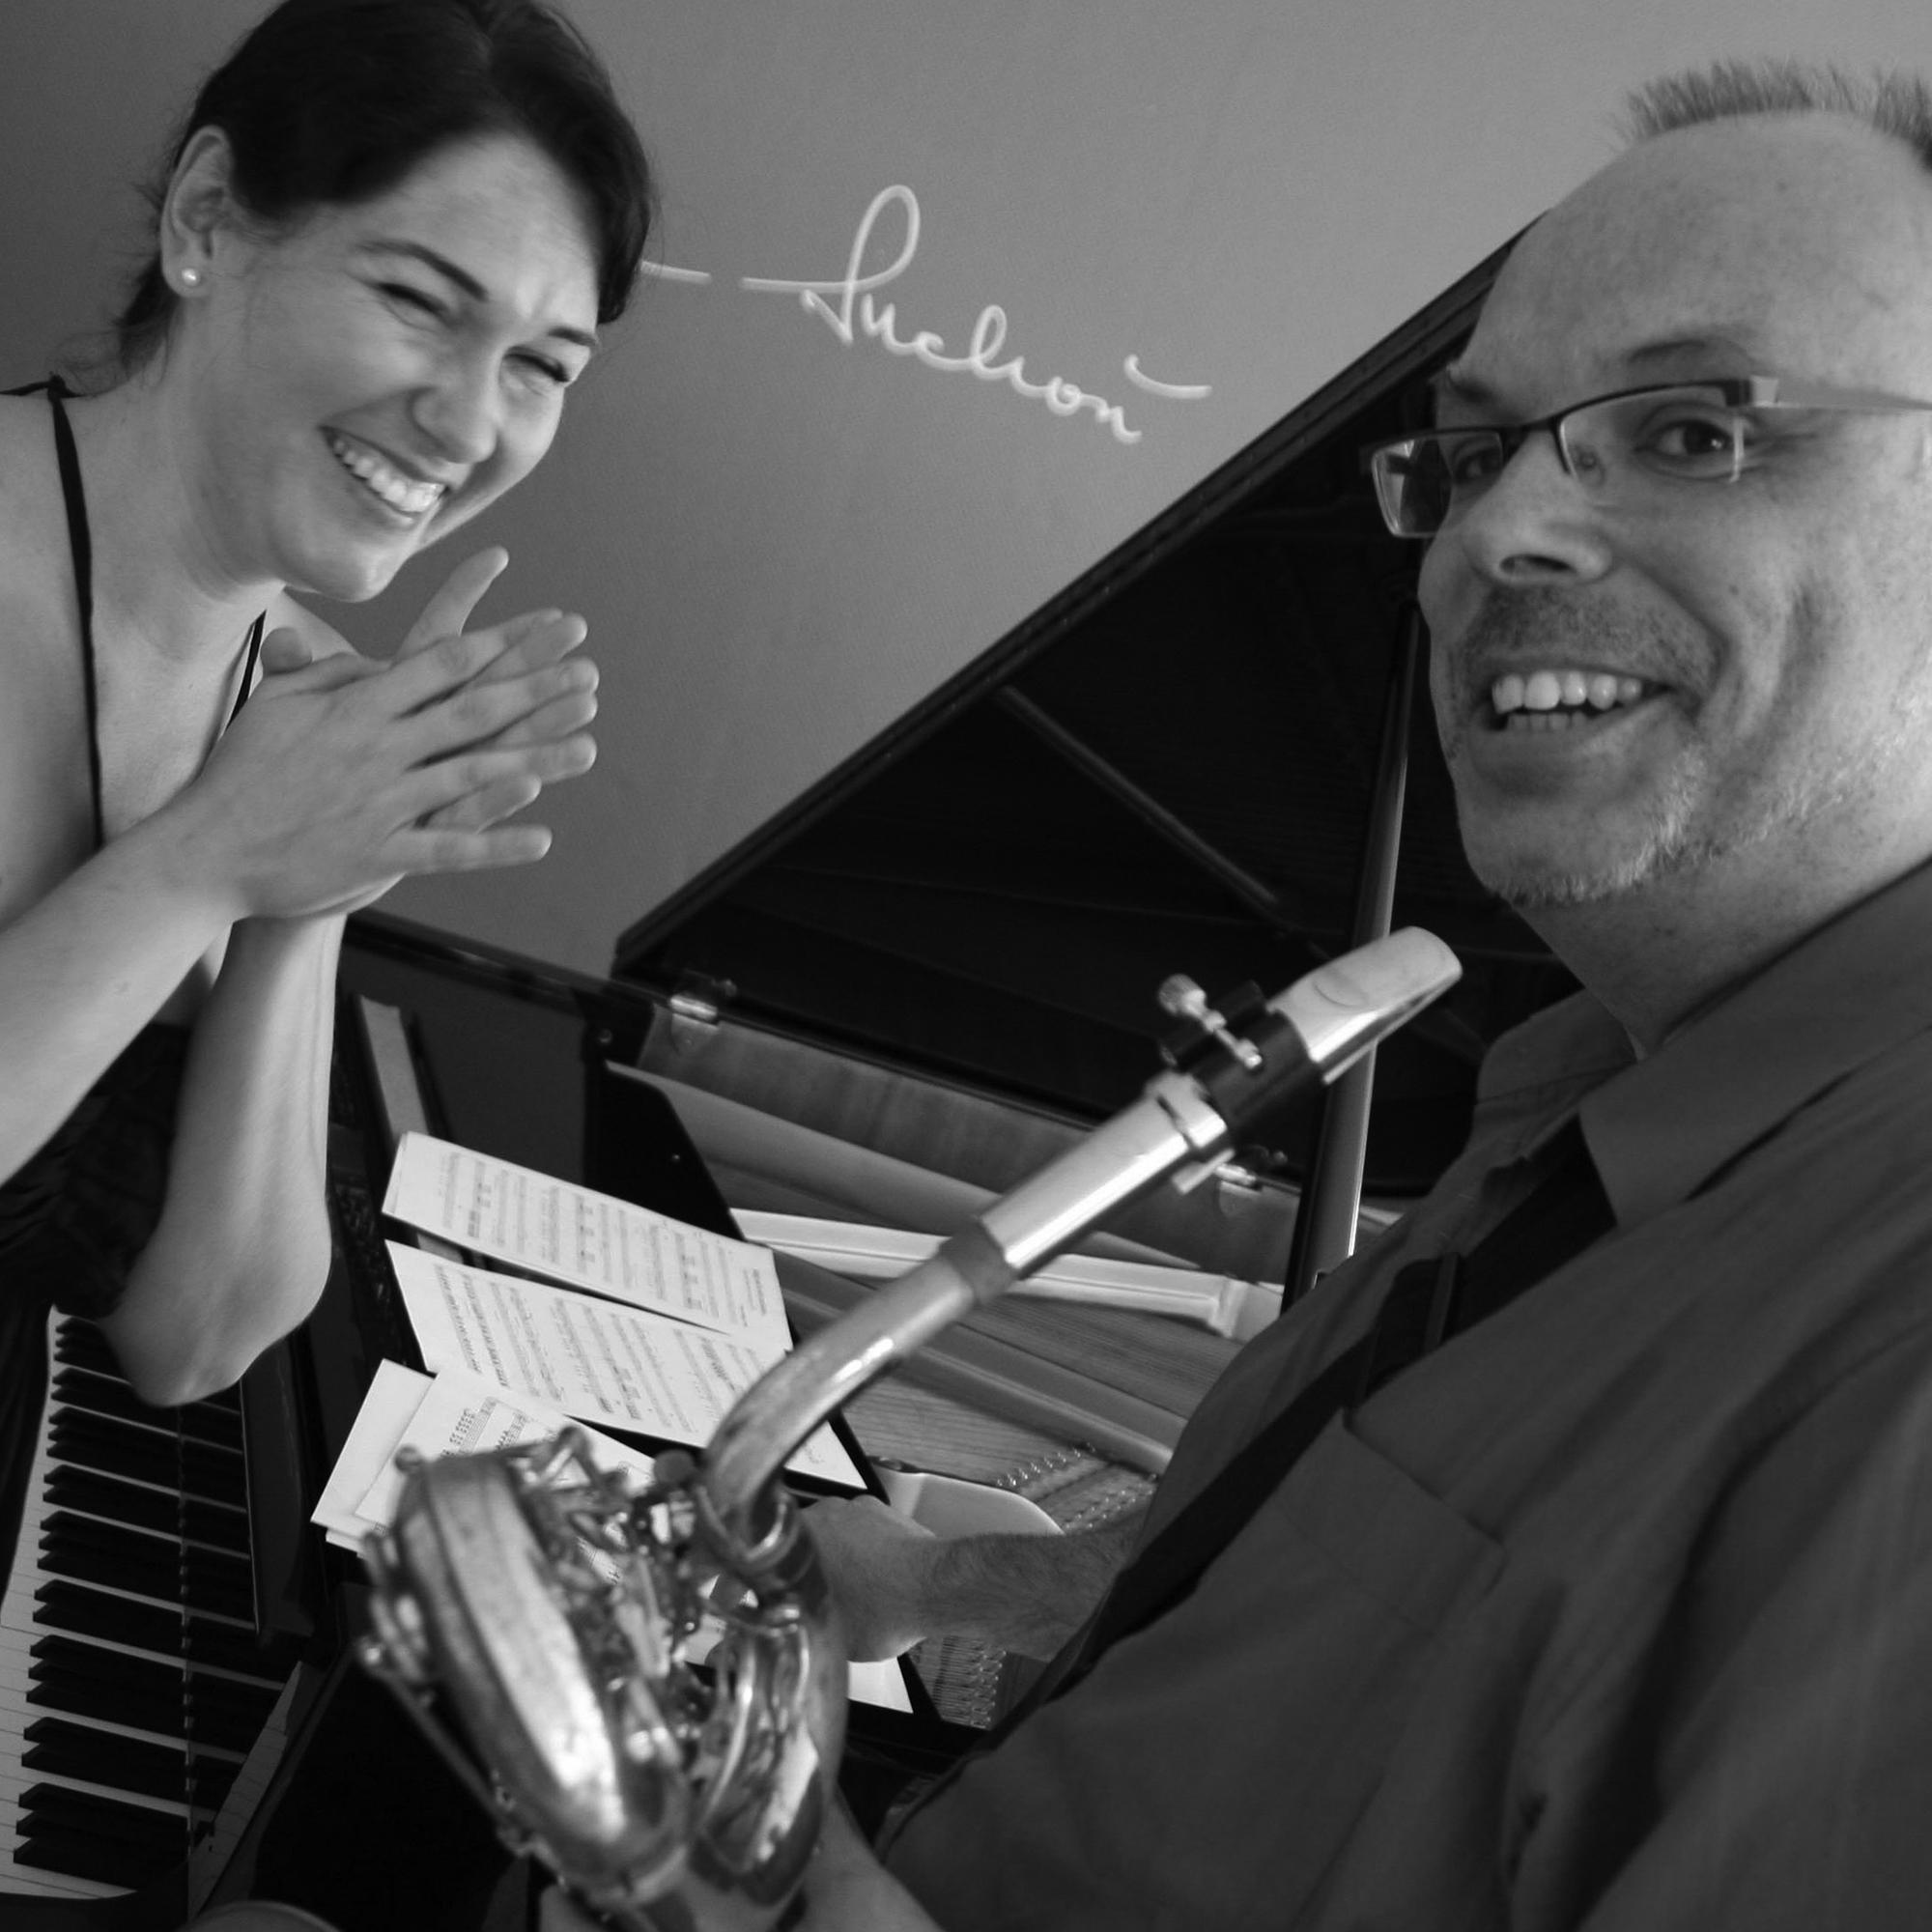 Originálne klasické diela ale aj Bachové transkripcie v podaní barytón saxofónu s klavírnym doprovodom.